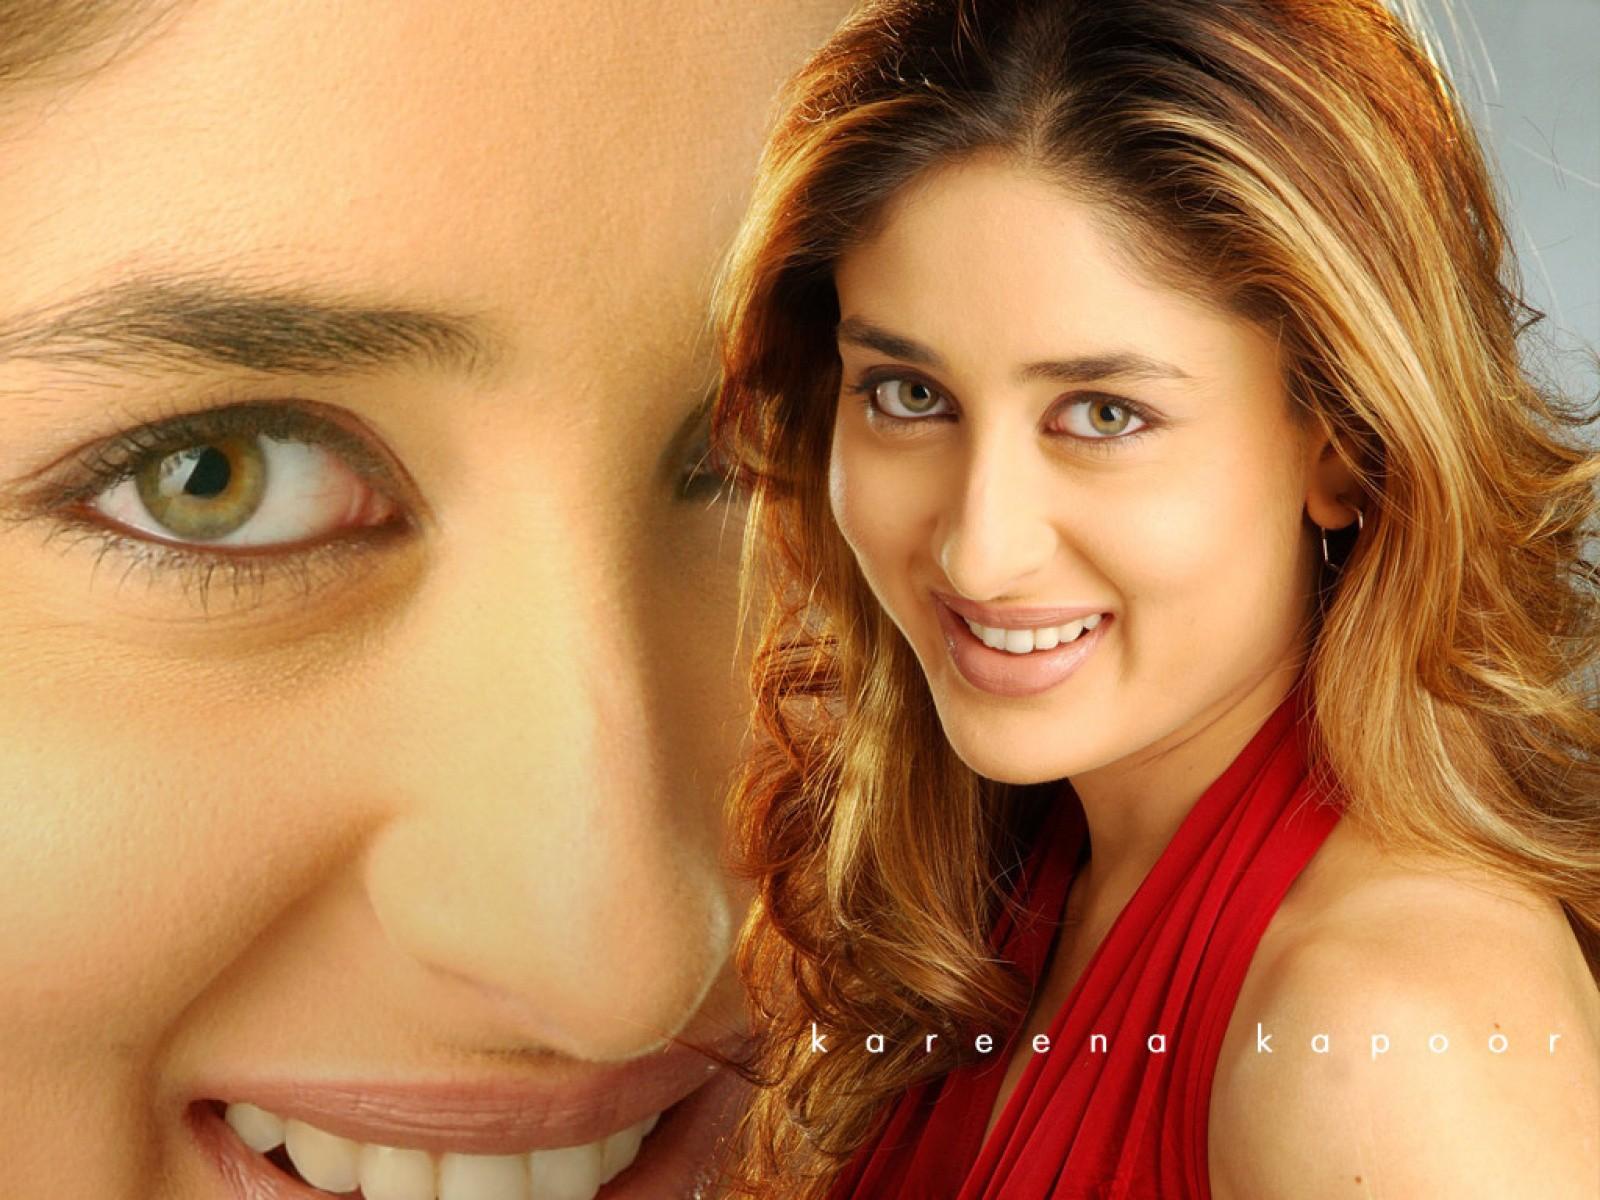 Kareena Kapoor Wallpapers Best Hd Desktop Wallpaper